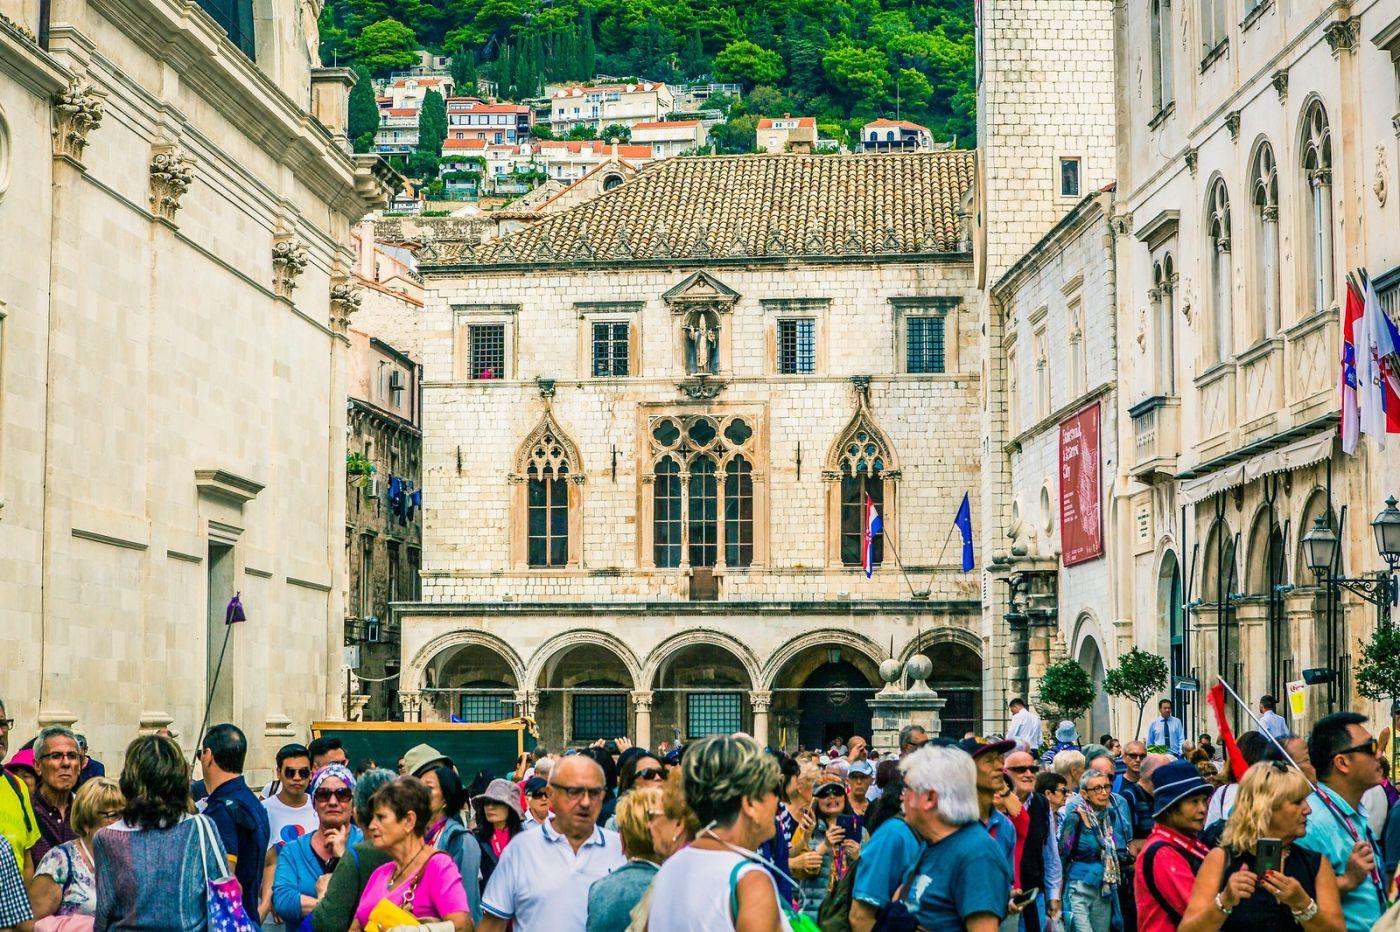 克罗地亚杜布罗夫尼克(Dubrovnik),古城小巷_图1-13